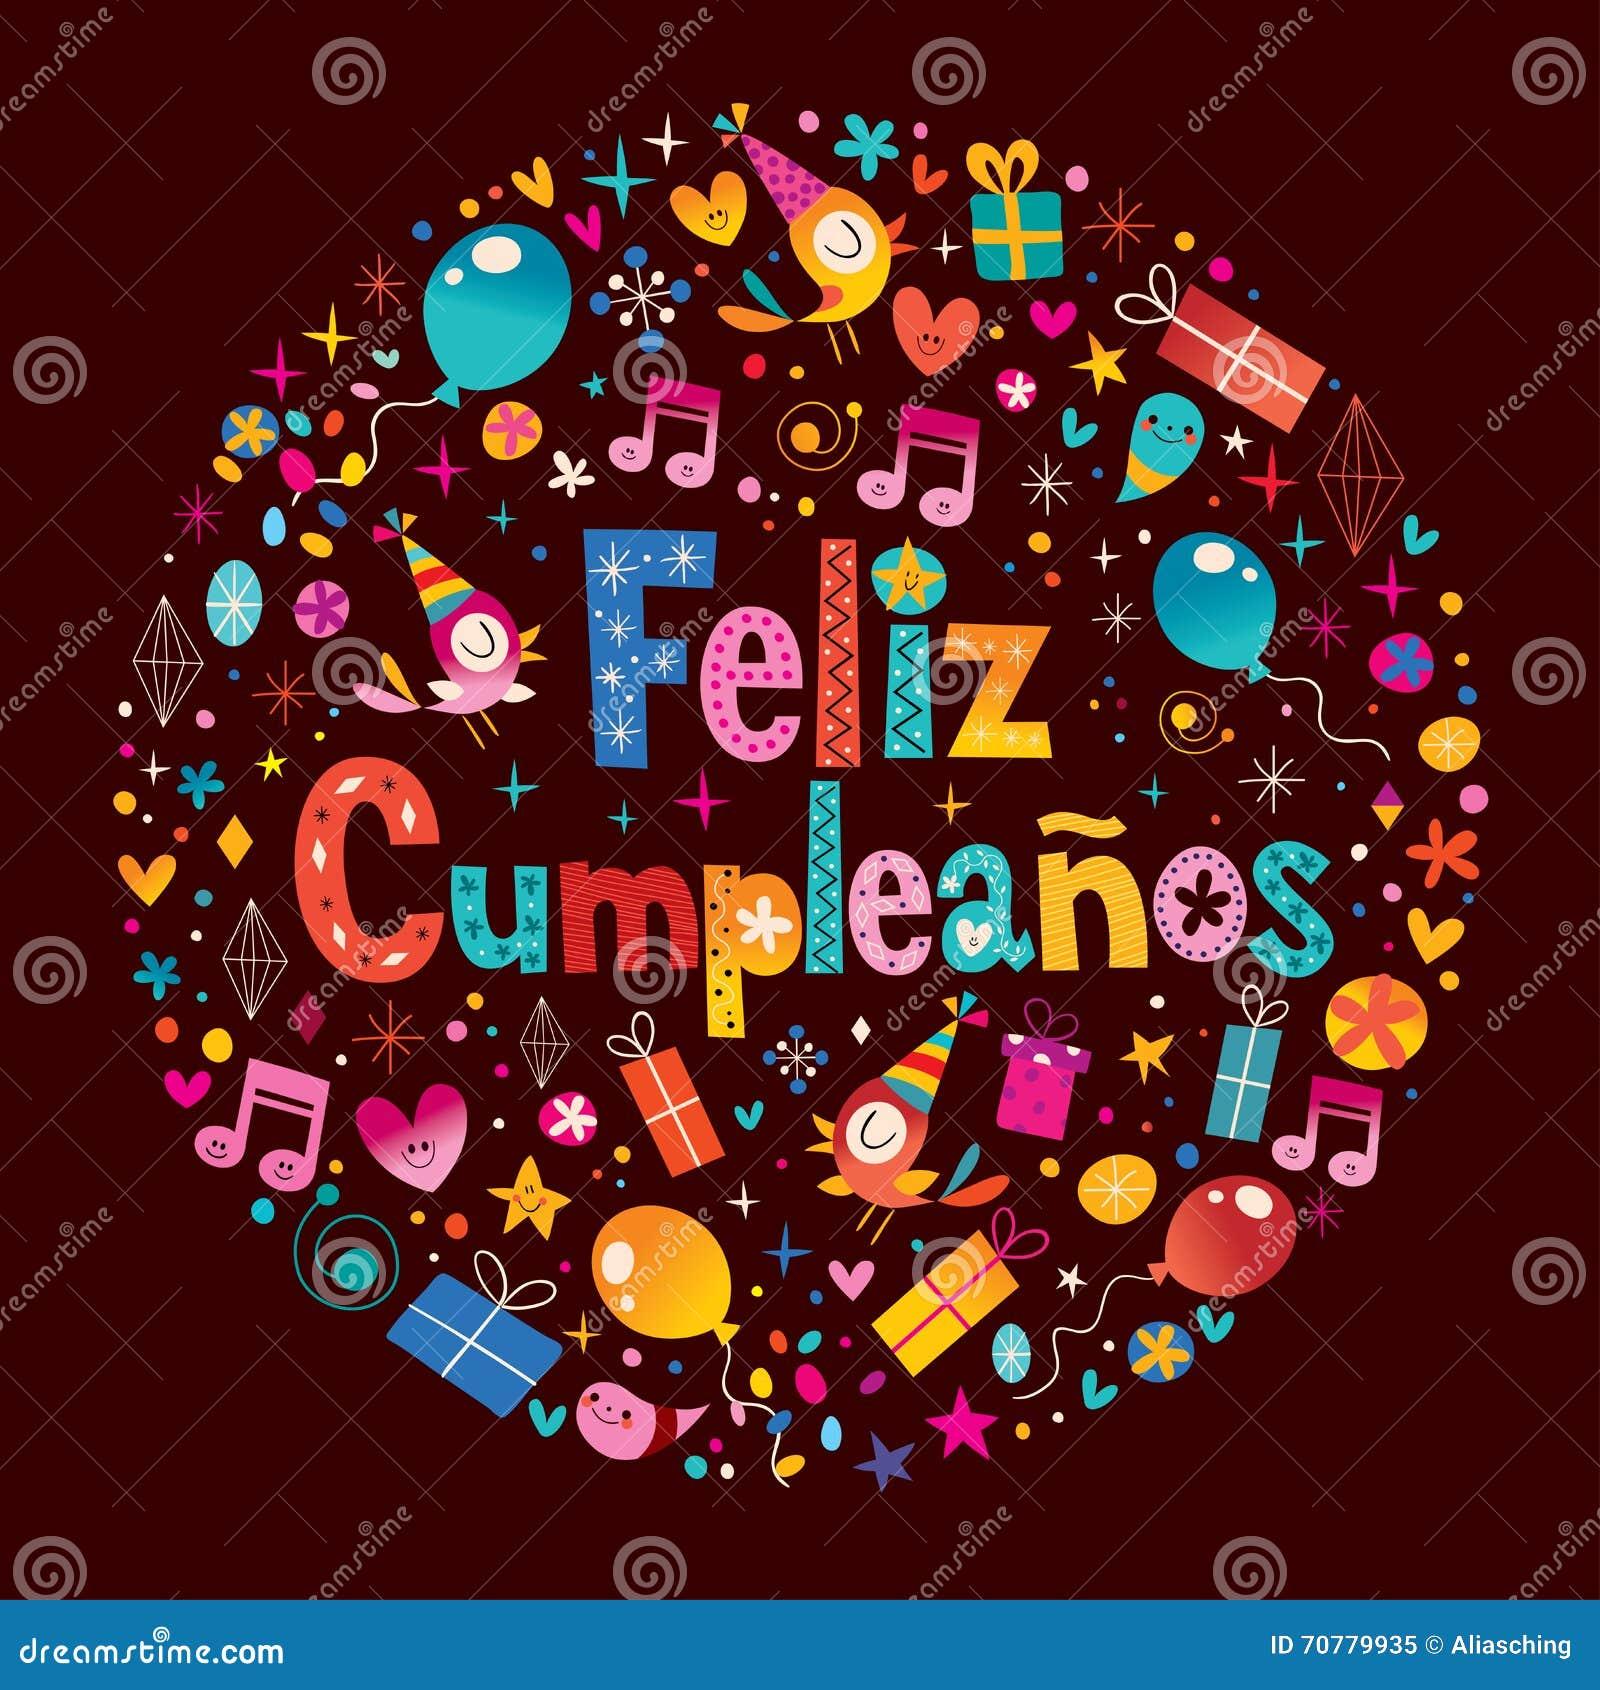 Feliz Cumpleanos - feliz cumpleaños en tarjeta de felicitación española